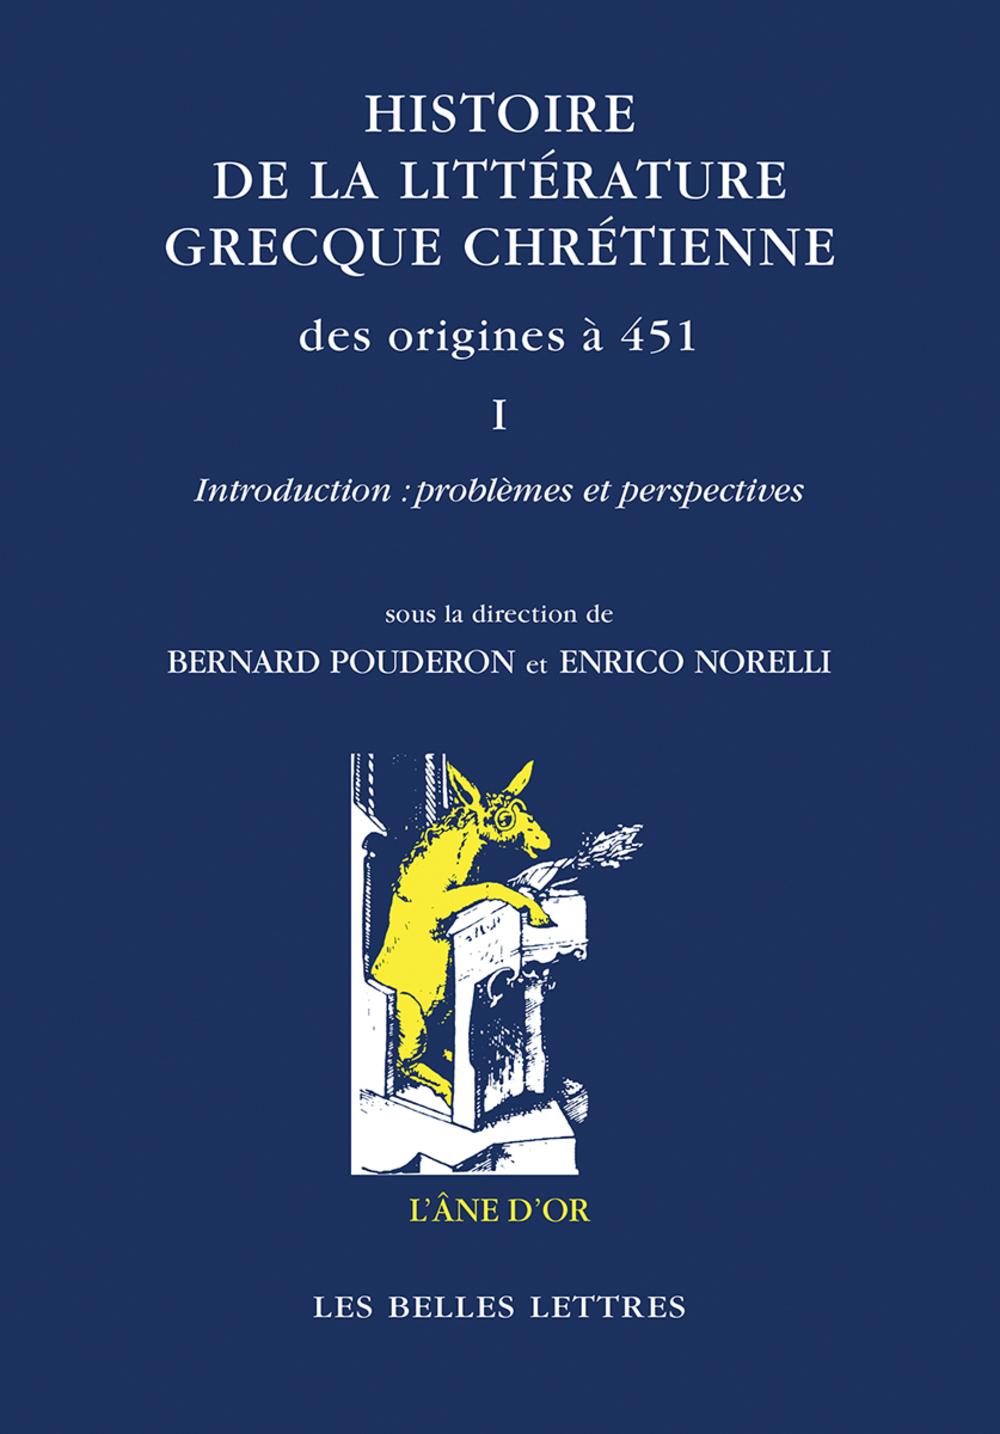 Histoire de la littérature grecque chrétienne des origines à 451, Volume I